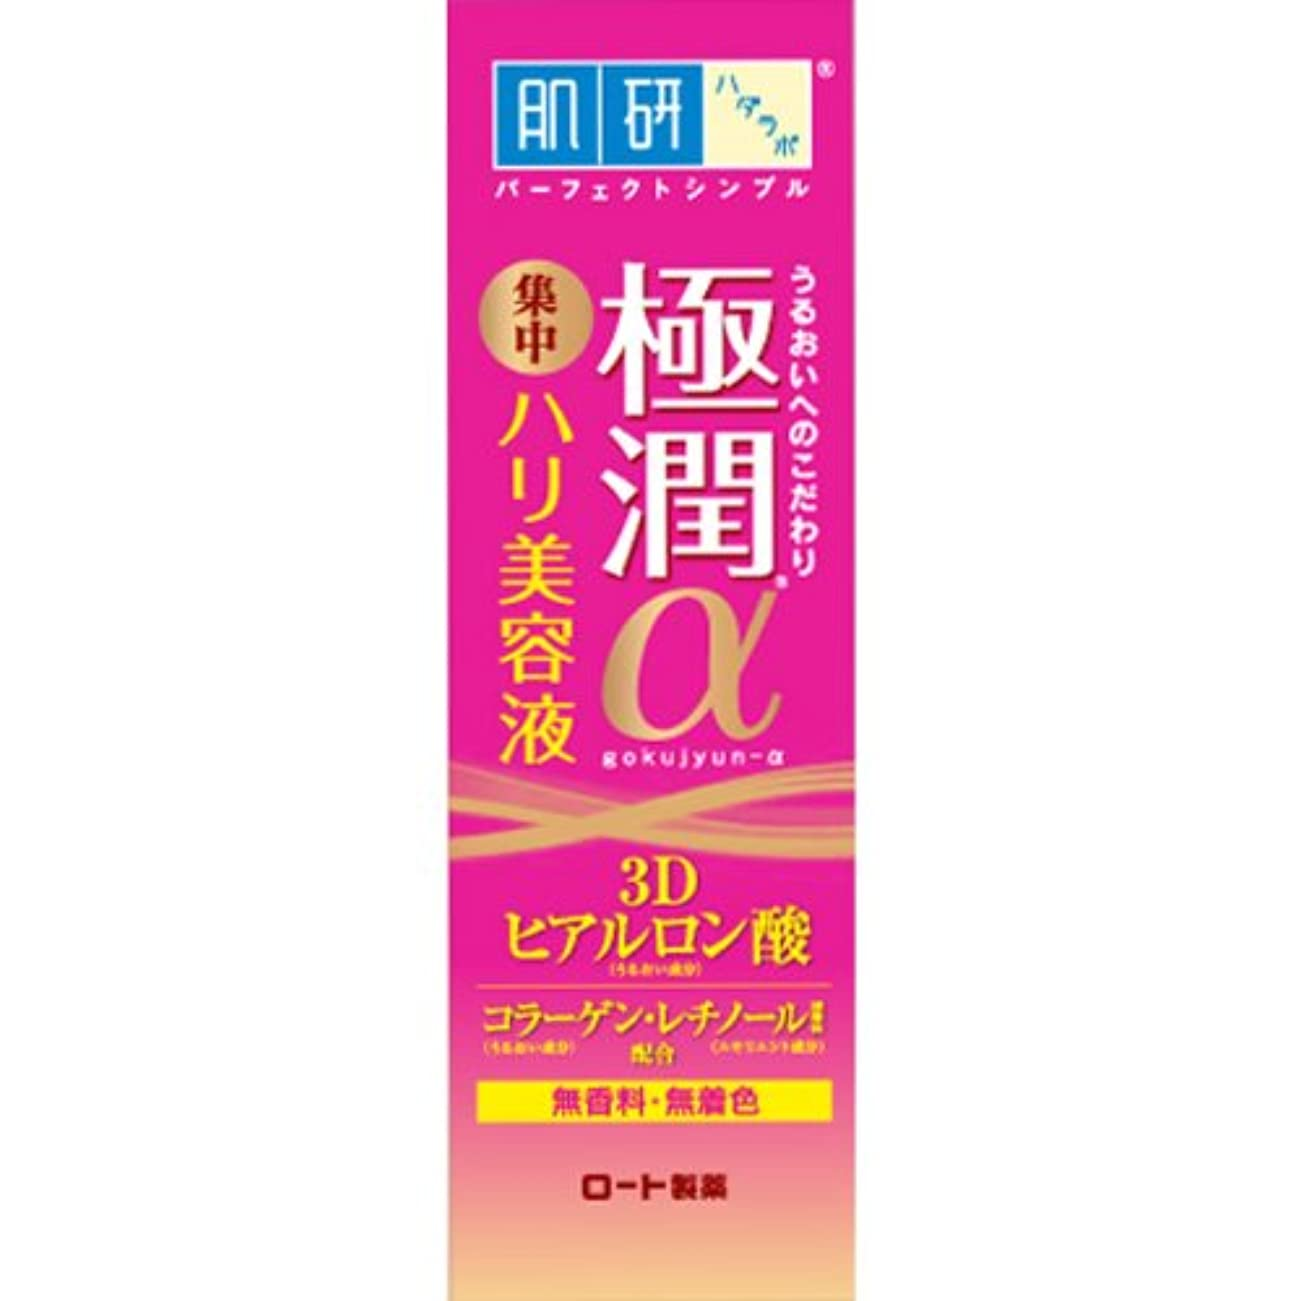 ピンクご飯接地肌研(ハダラボ) 極潤 αハリ美容液 30g